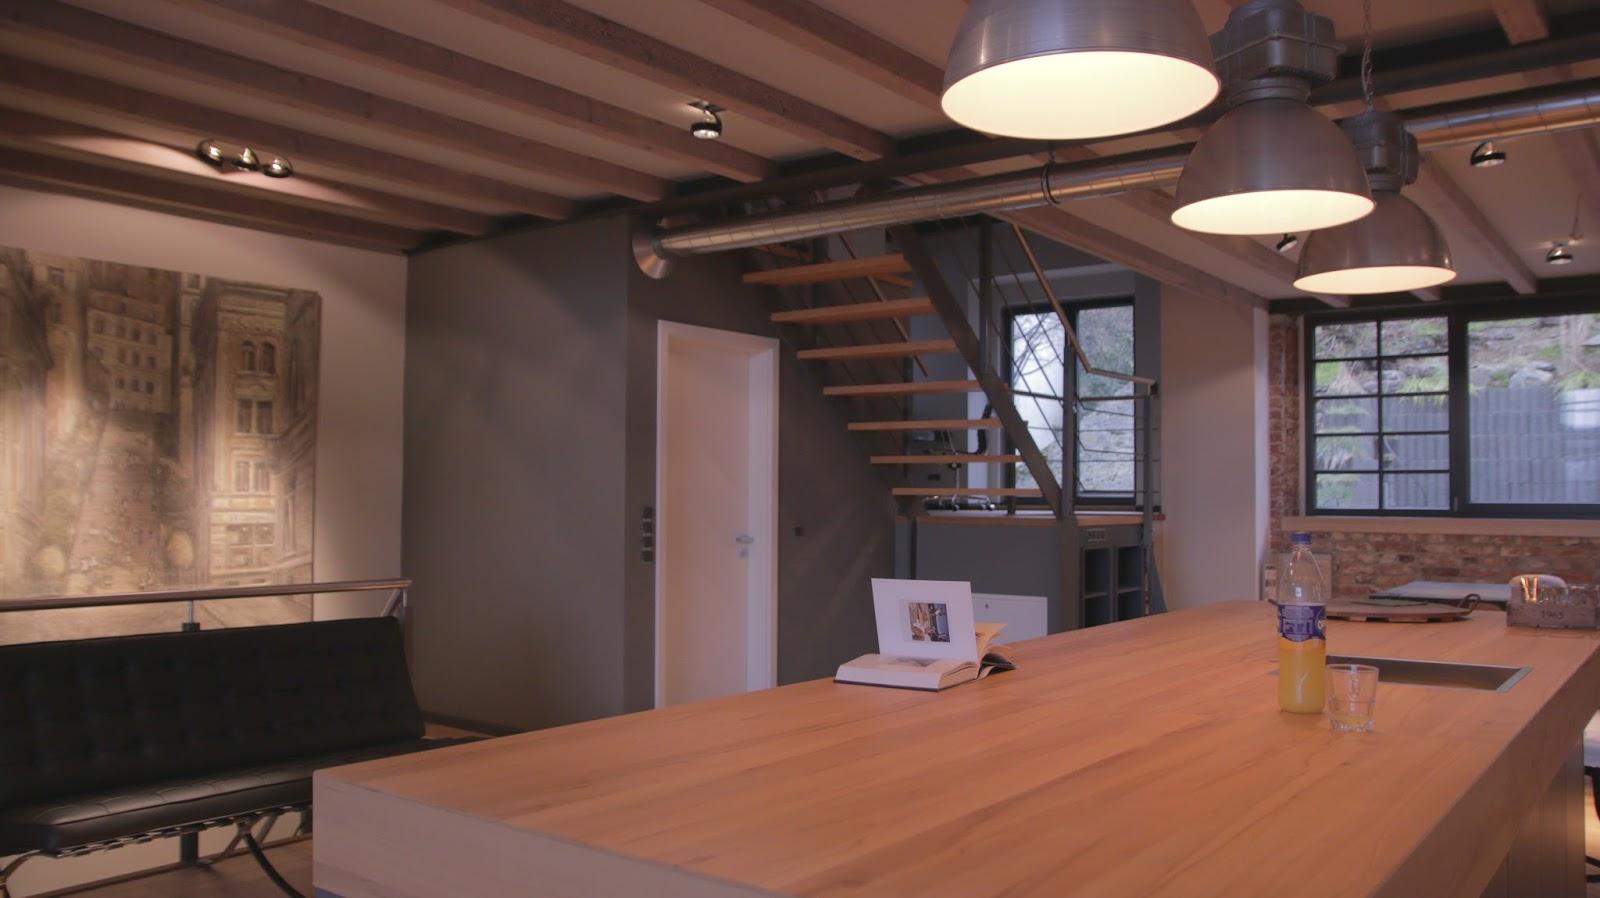 Großartig Büromöbel Wuppertal Bilder - Die besten Einrichtungsideen ...